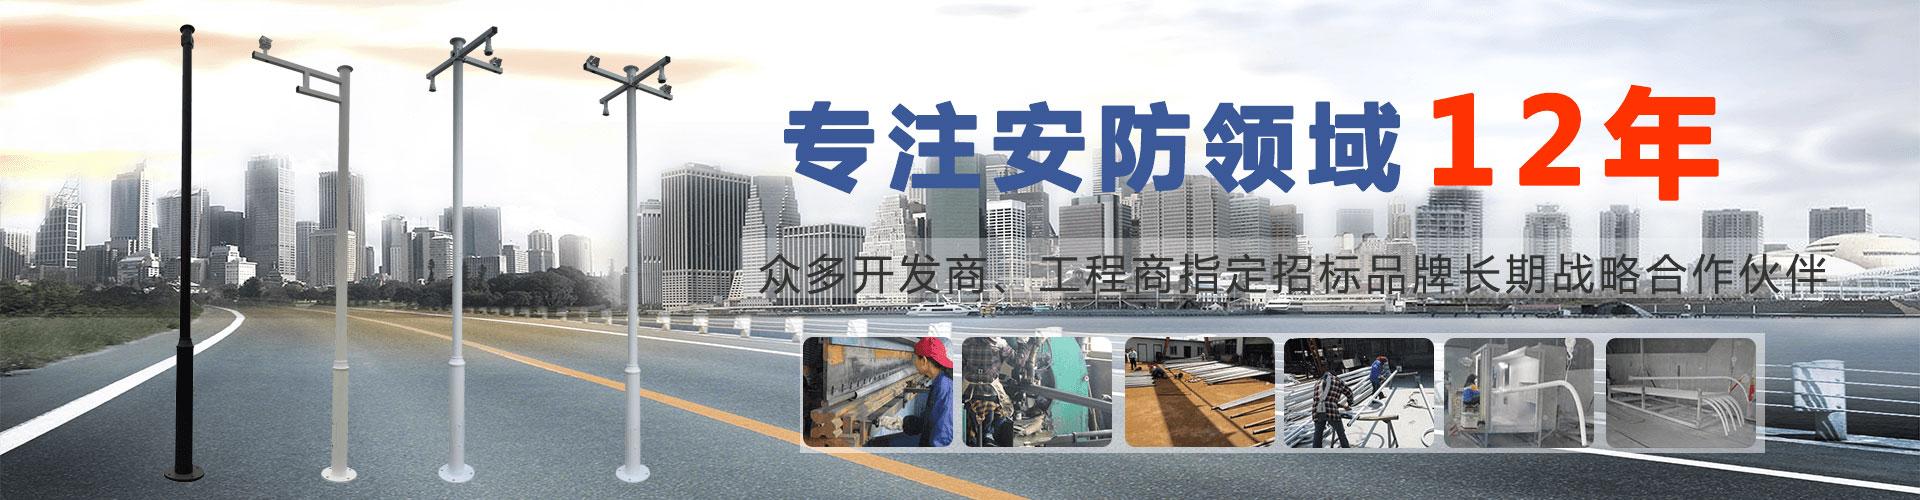 芜湖盛叶电子科技有限公司